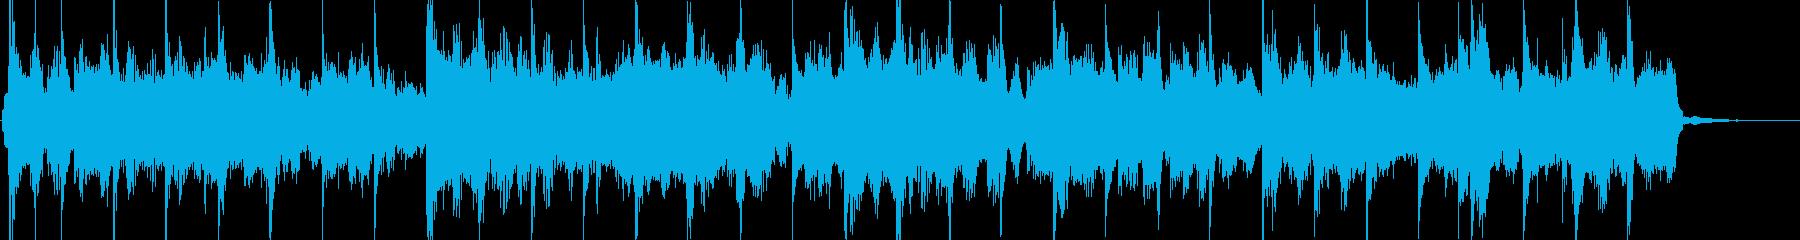 ローズピアノとシンセによるスムースジャズの再生済みの波形